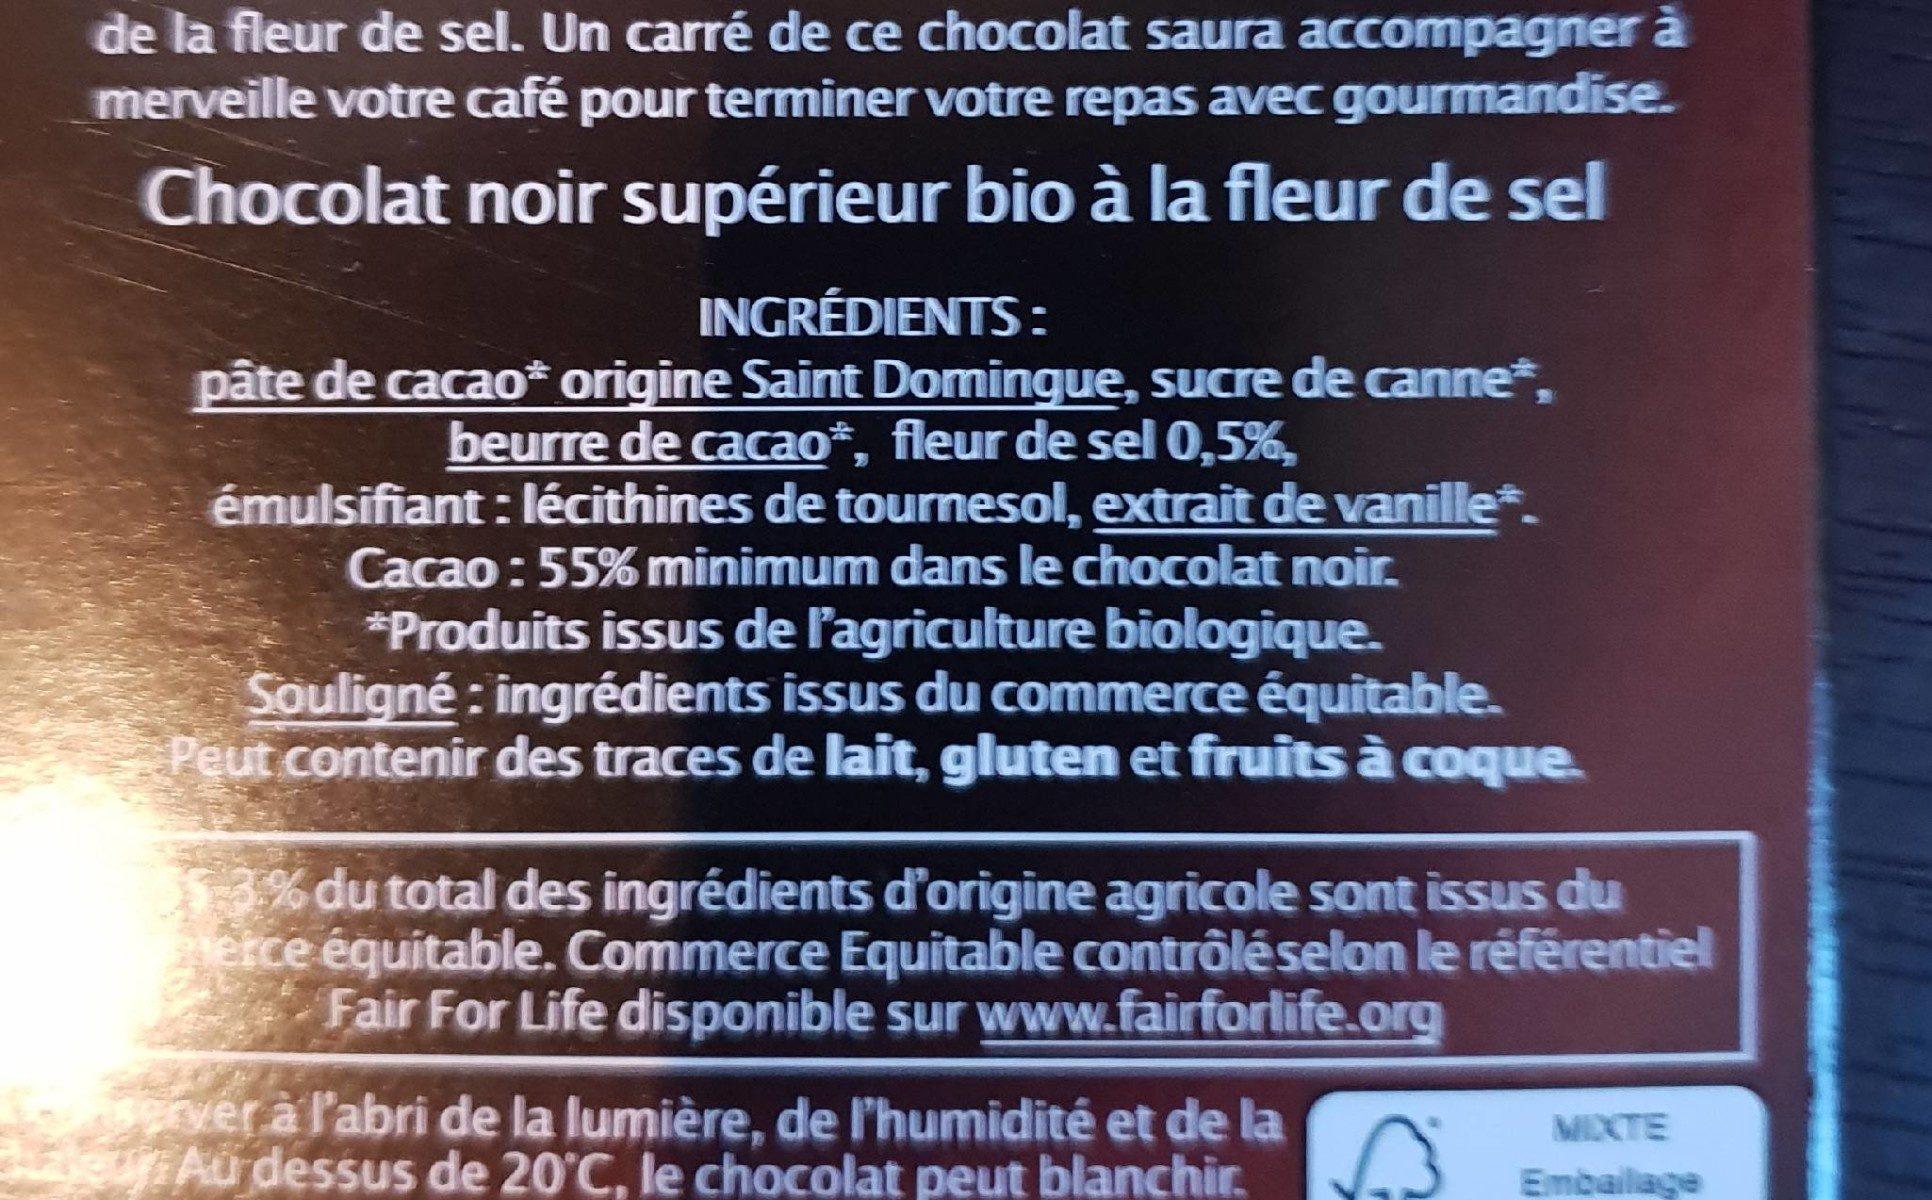 Chocolat Noir pointe de Fleur de sel - Ingredients - fr